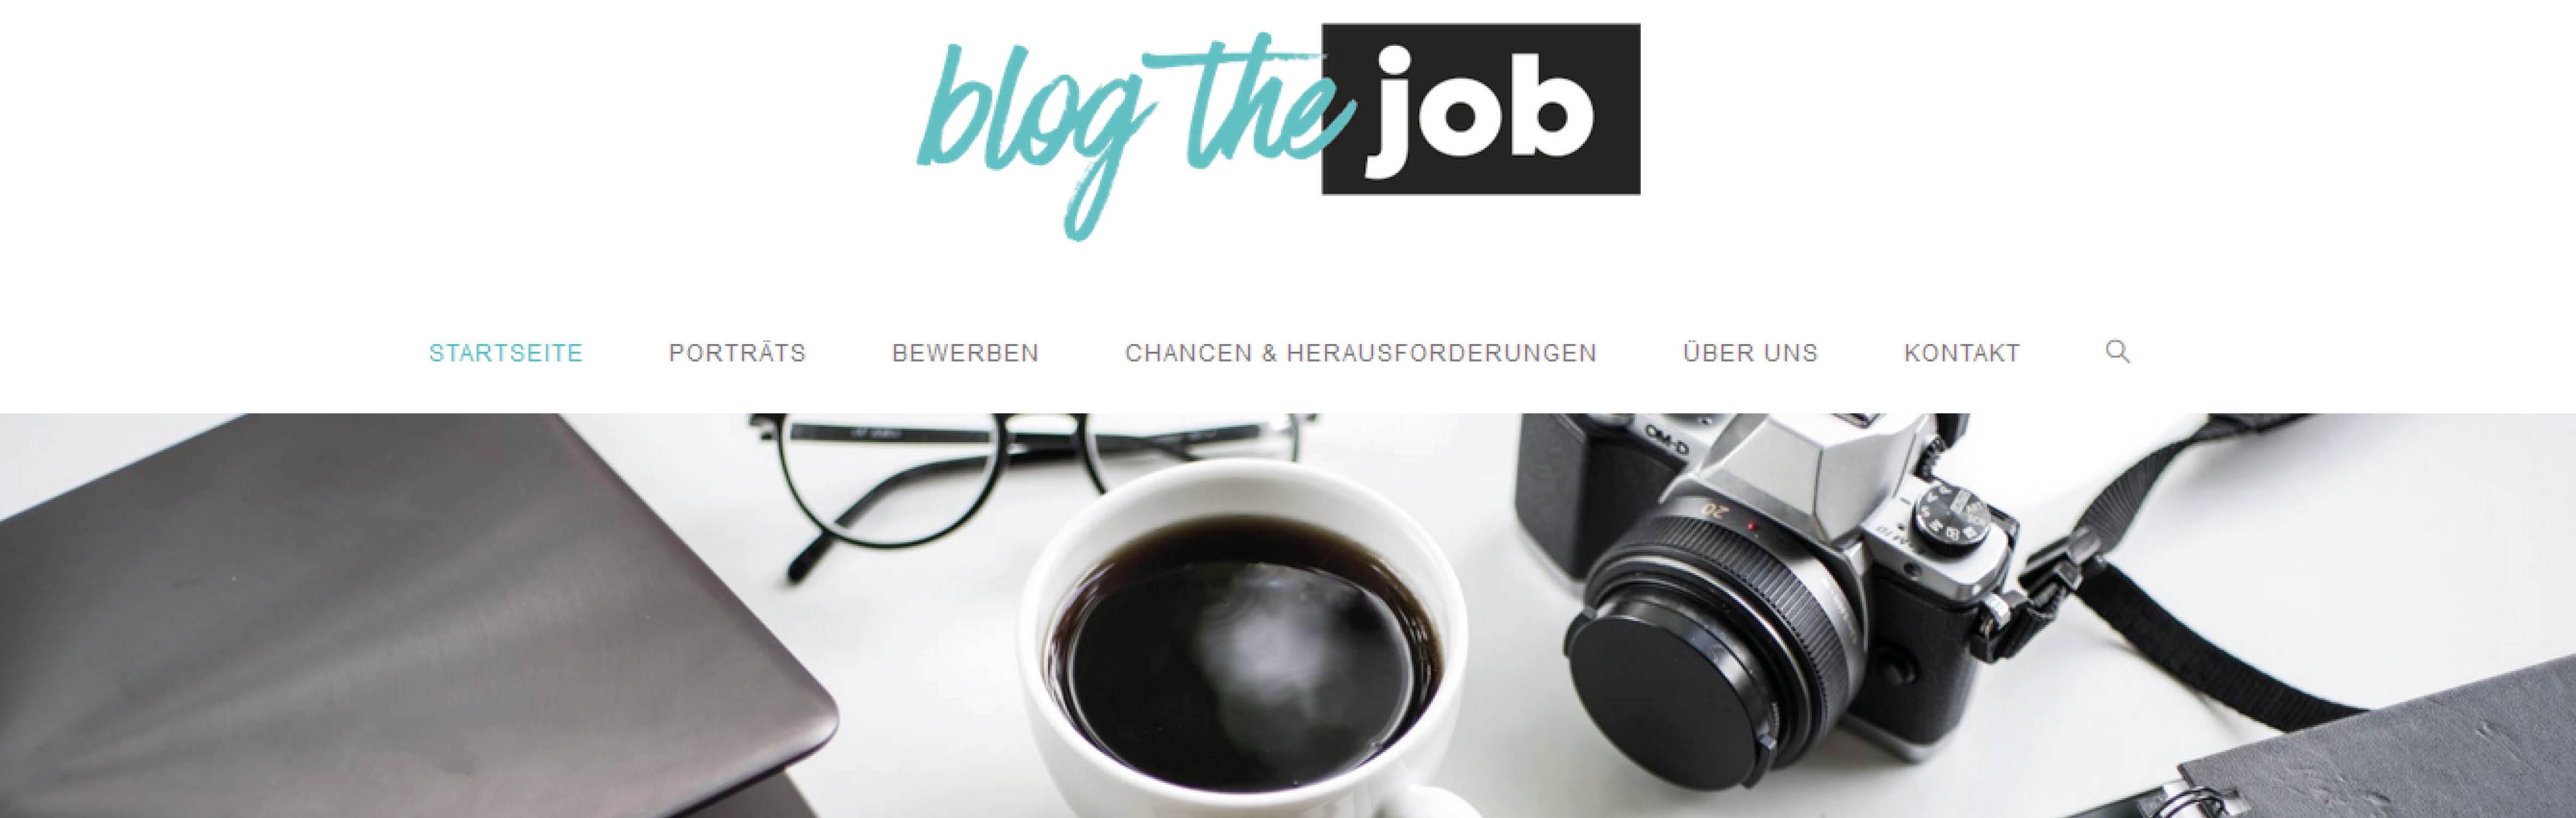 banner-blogthejob